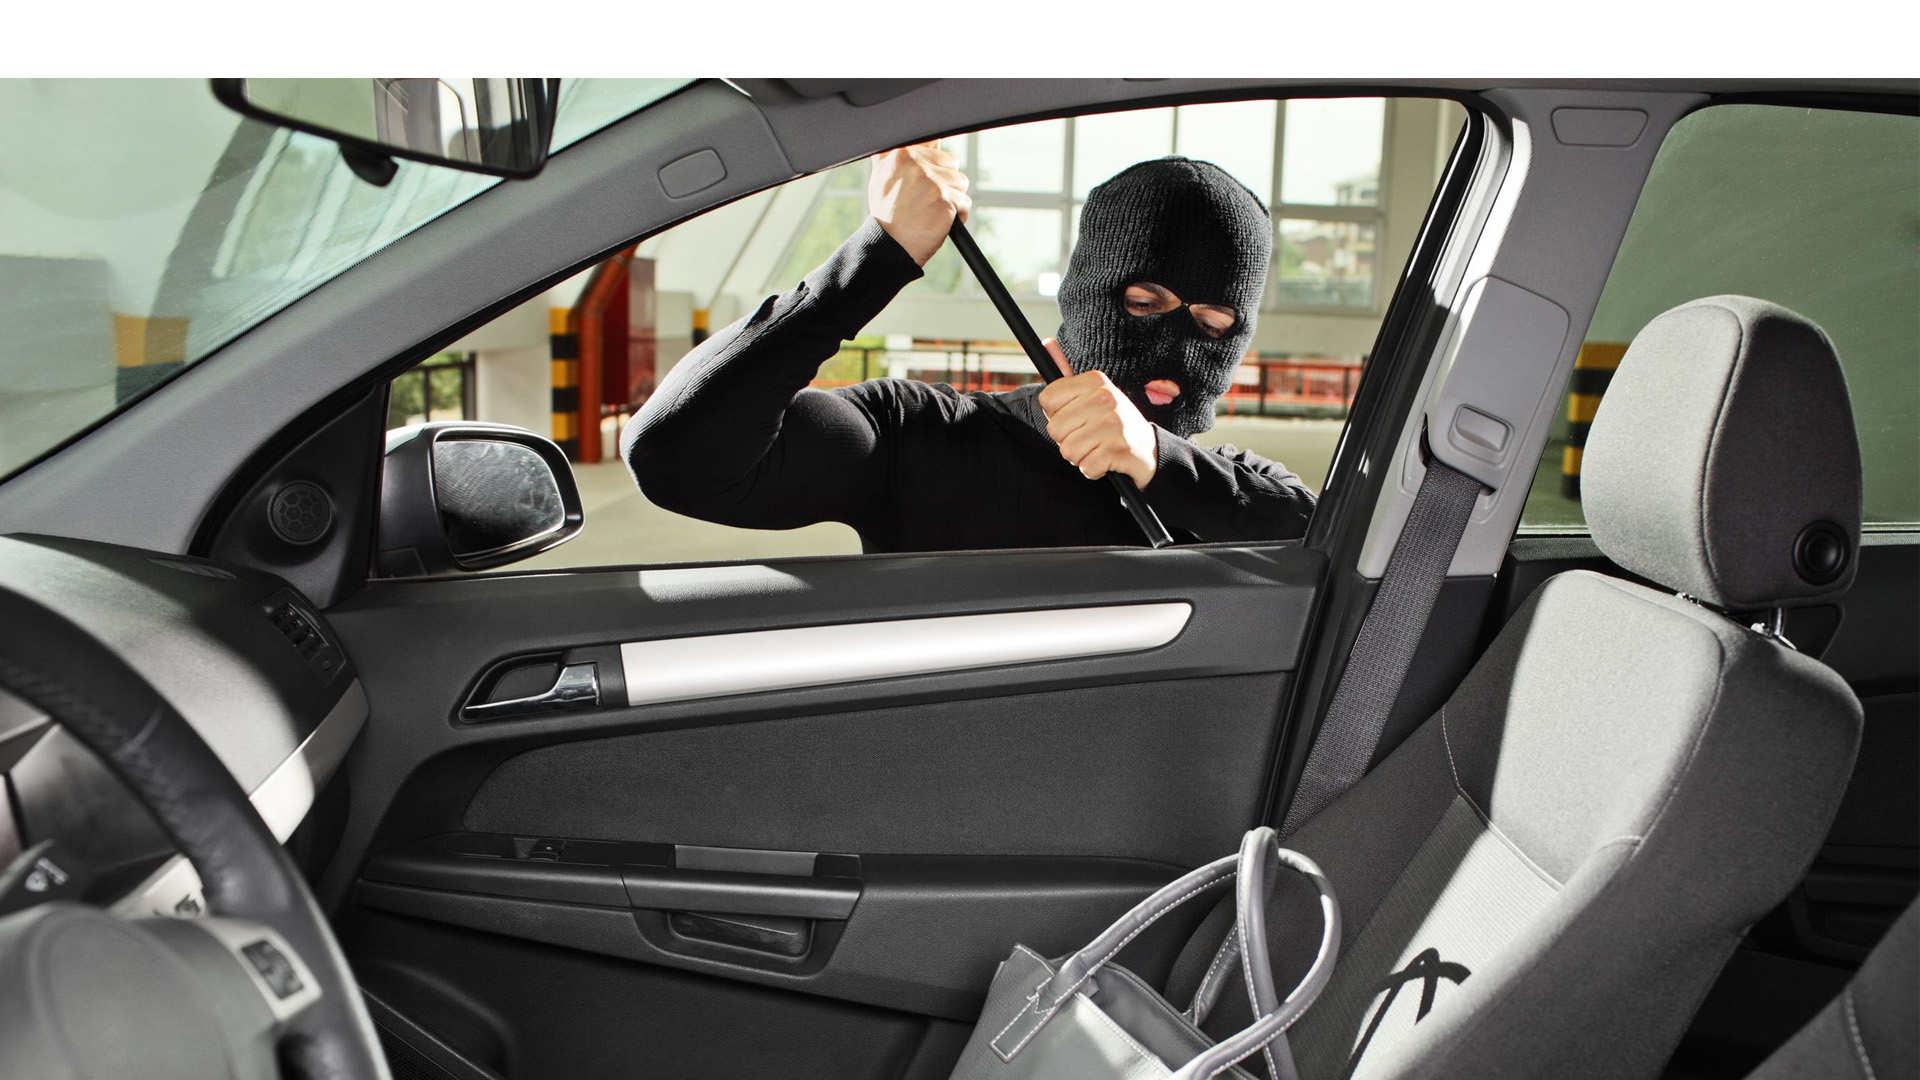 Estos fáciles consejos ayudarán a reducir la probabilidad de robo de tu vehículo